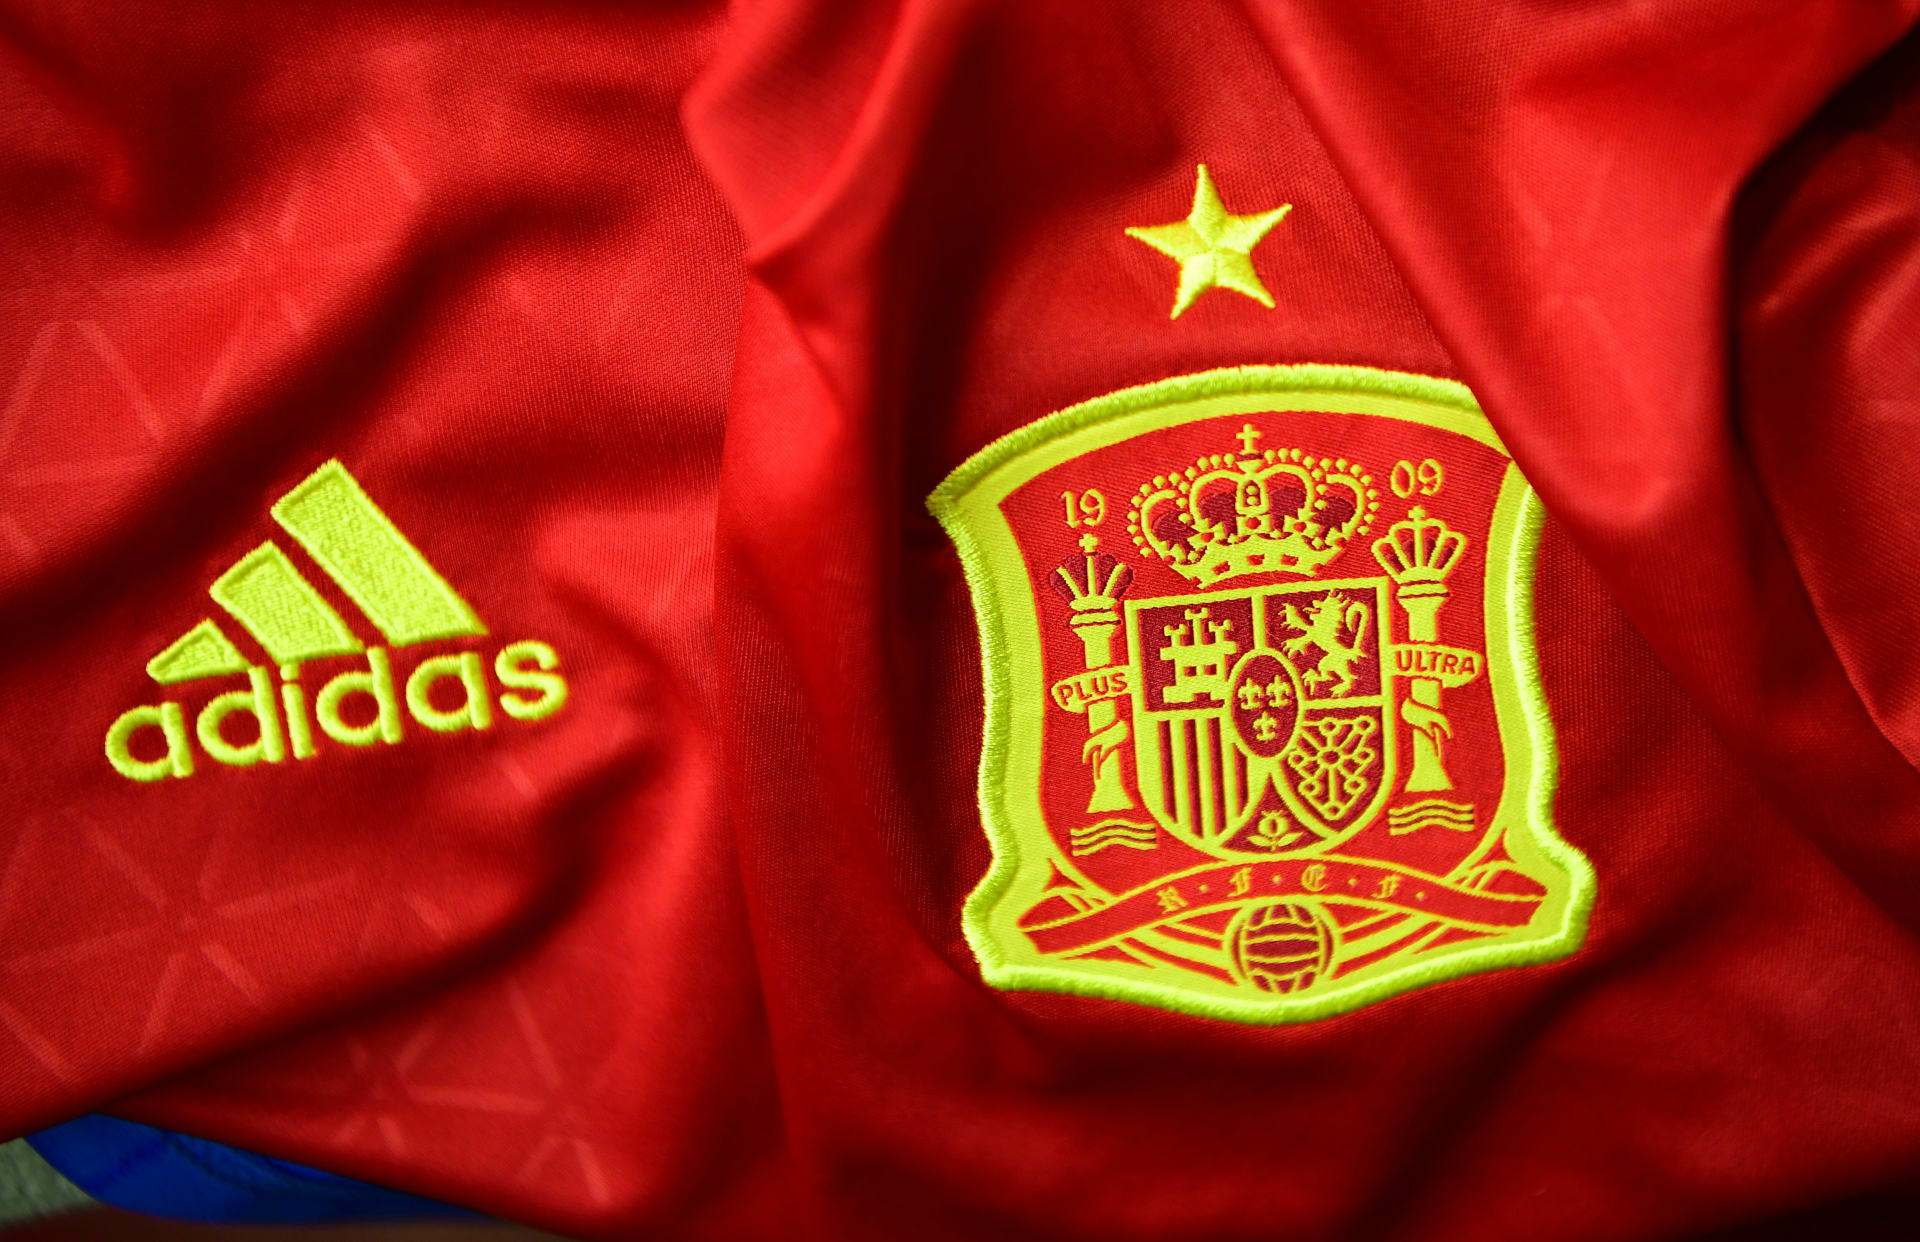 منتخبات اليورو: إسبانيا ستقاتل للاحتفاظ بلقبها